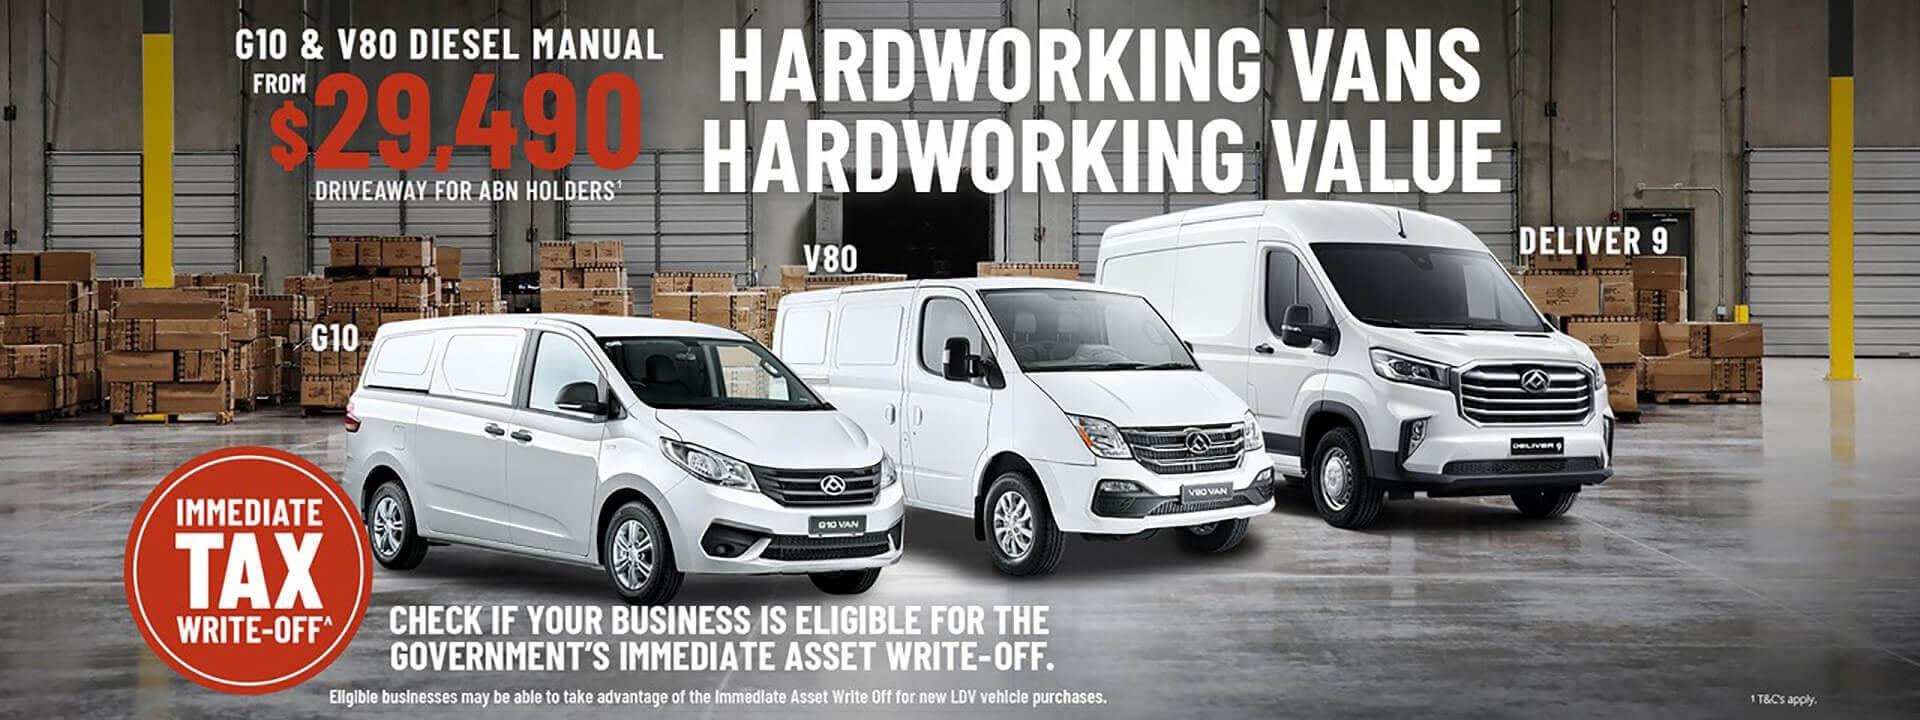 Hardworking Vans Hardworking Value